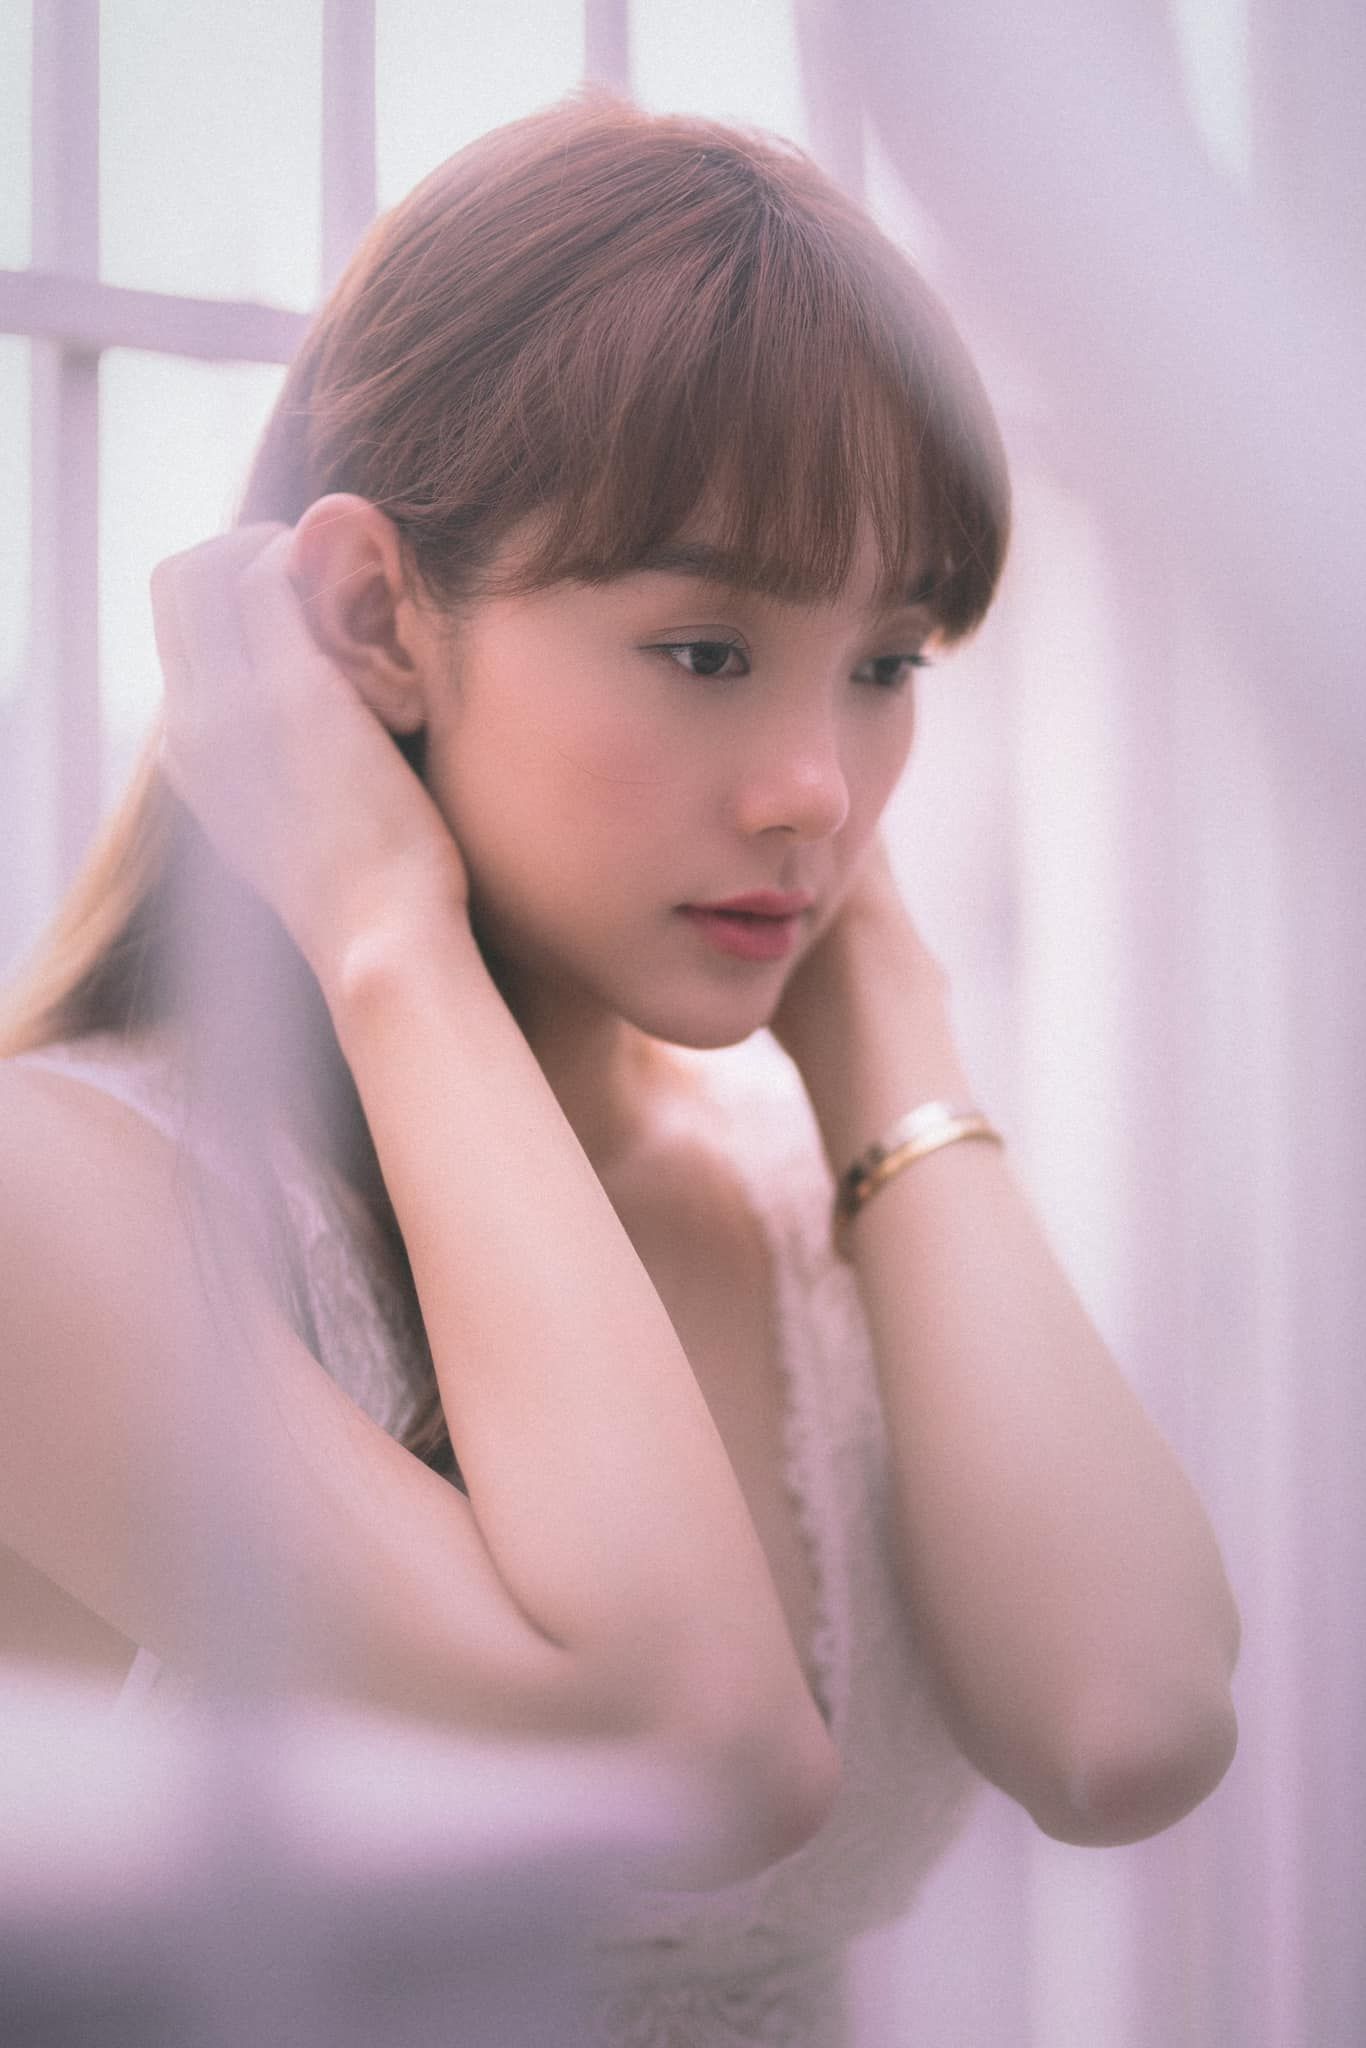 Minh Hằng diện quần 15cm, trẻ đẹp tựa thiếu nữ ngập tràn sức sống - 4